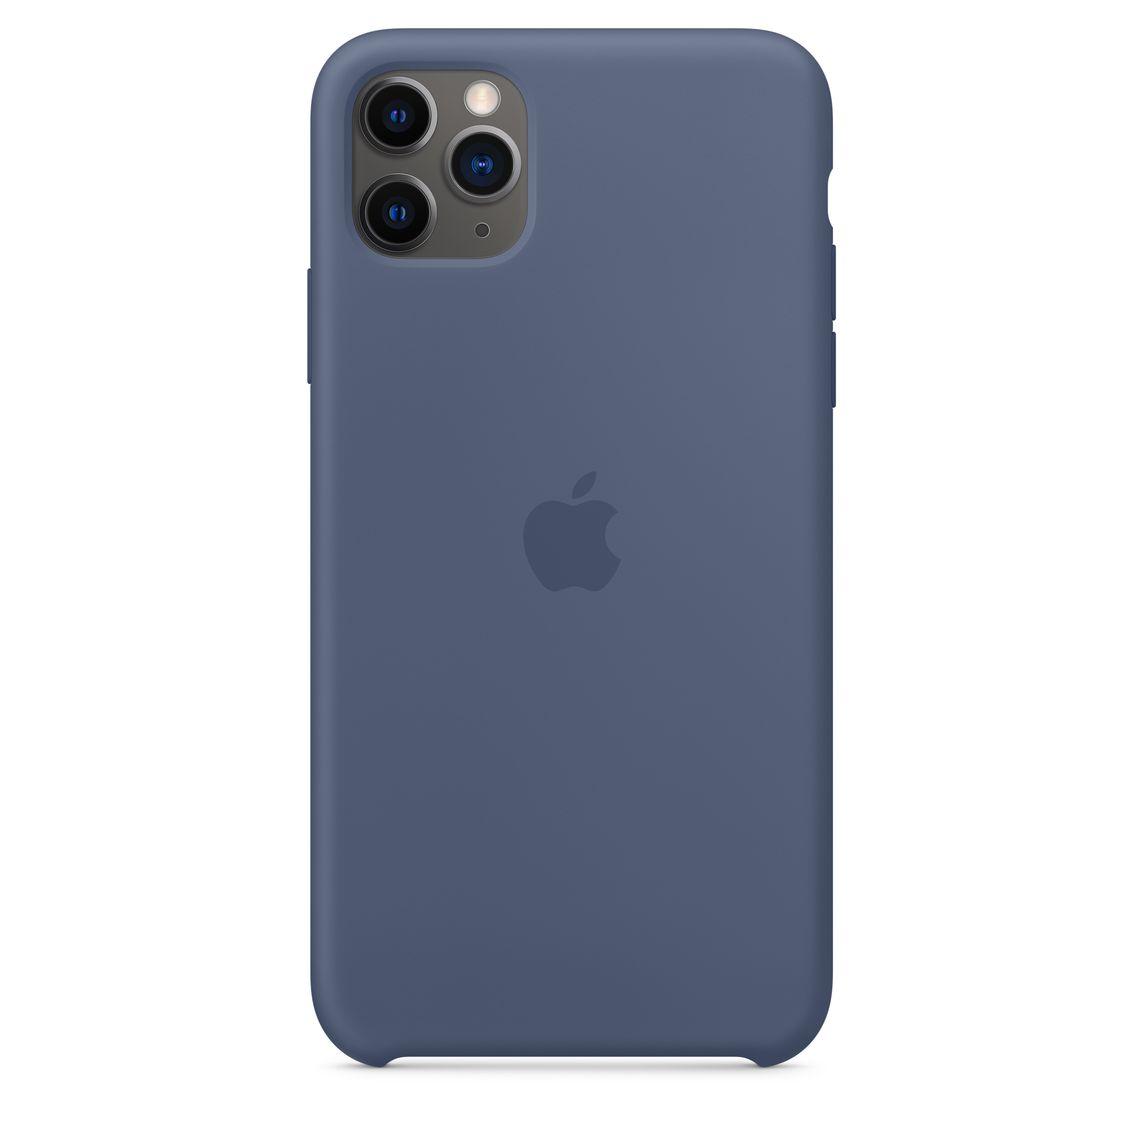 Custodia in silicone per iPhone 11 - Nero - Apple (IT)